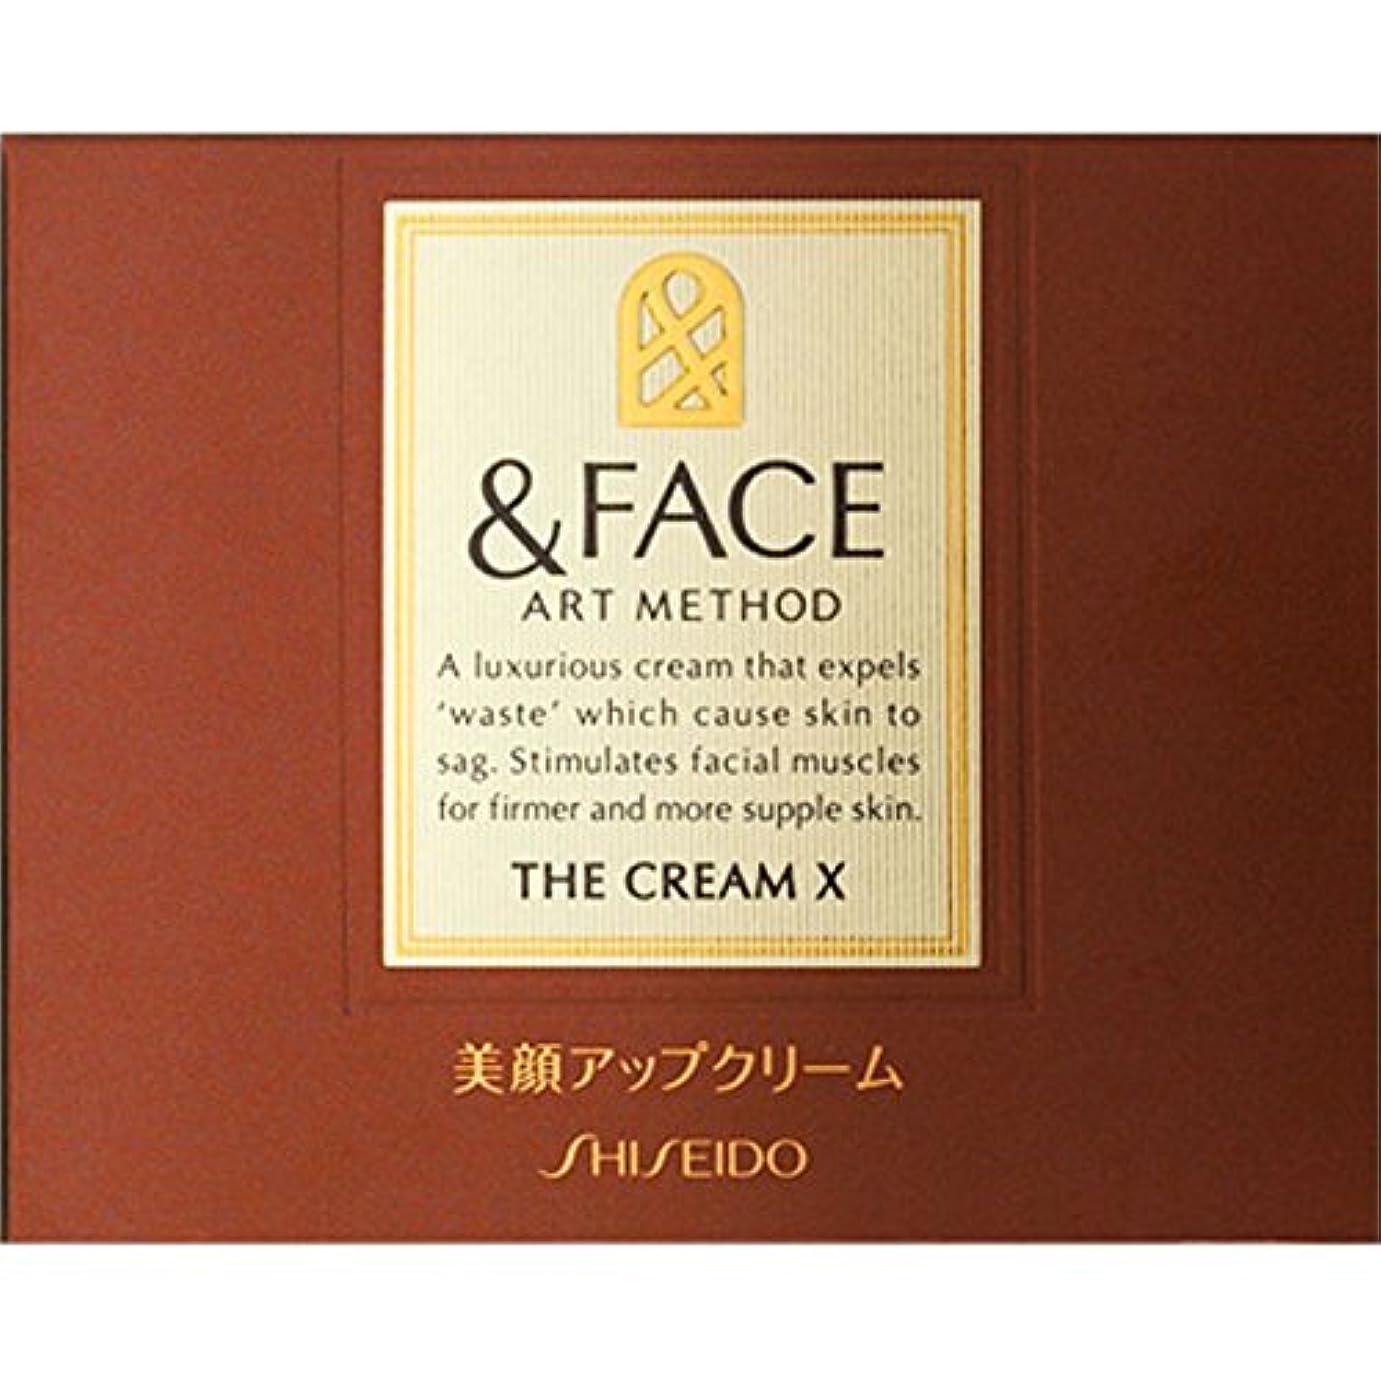 腸ハードリング栄光の資生堂インターナショナル &FACEアートメソッドザクリームX - (医薬部外品)